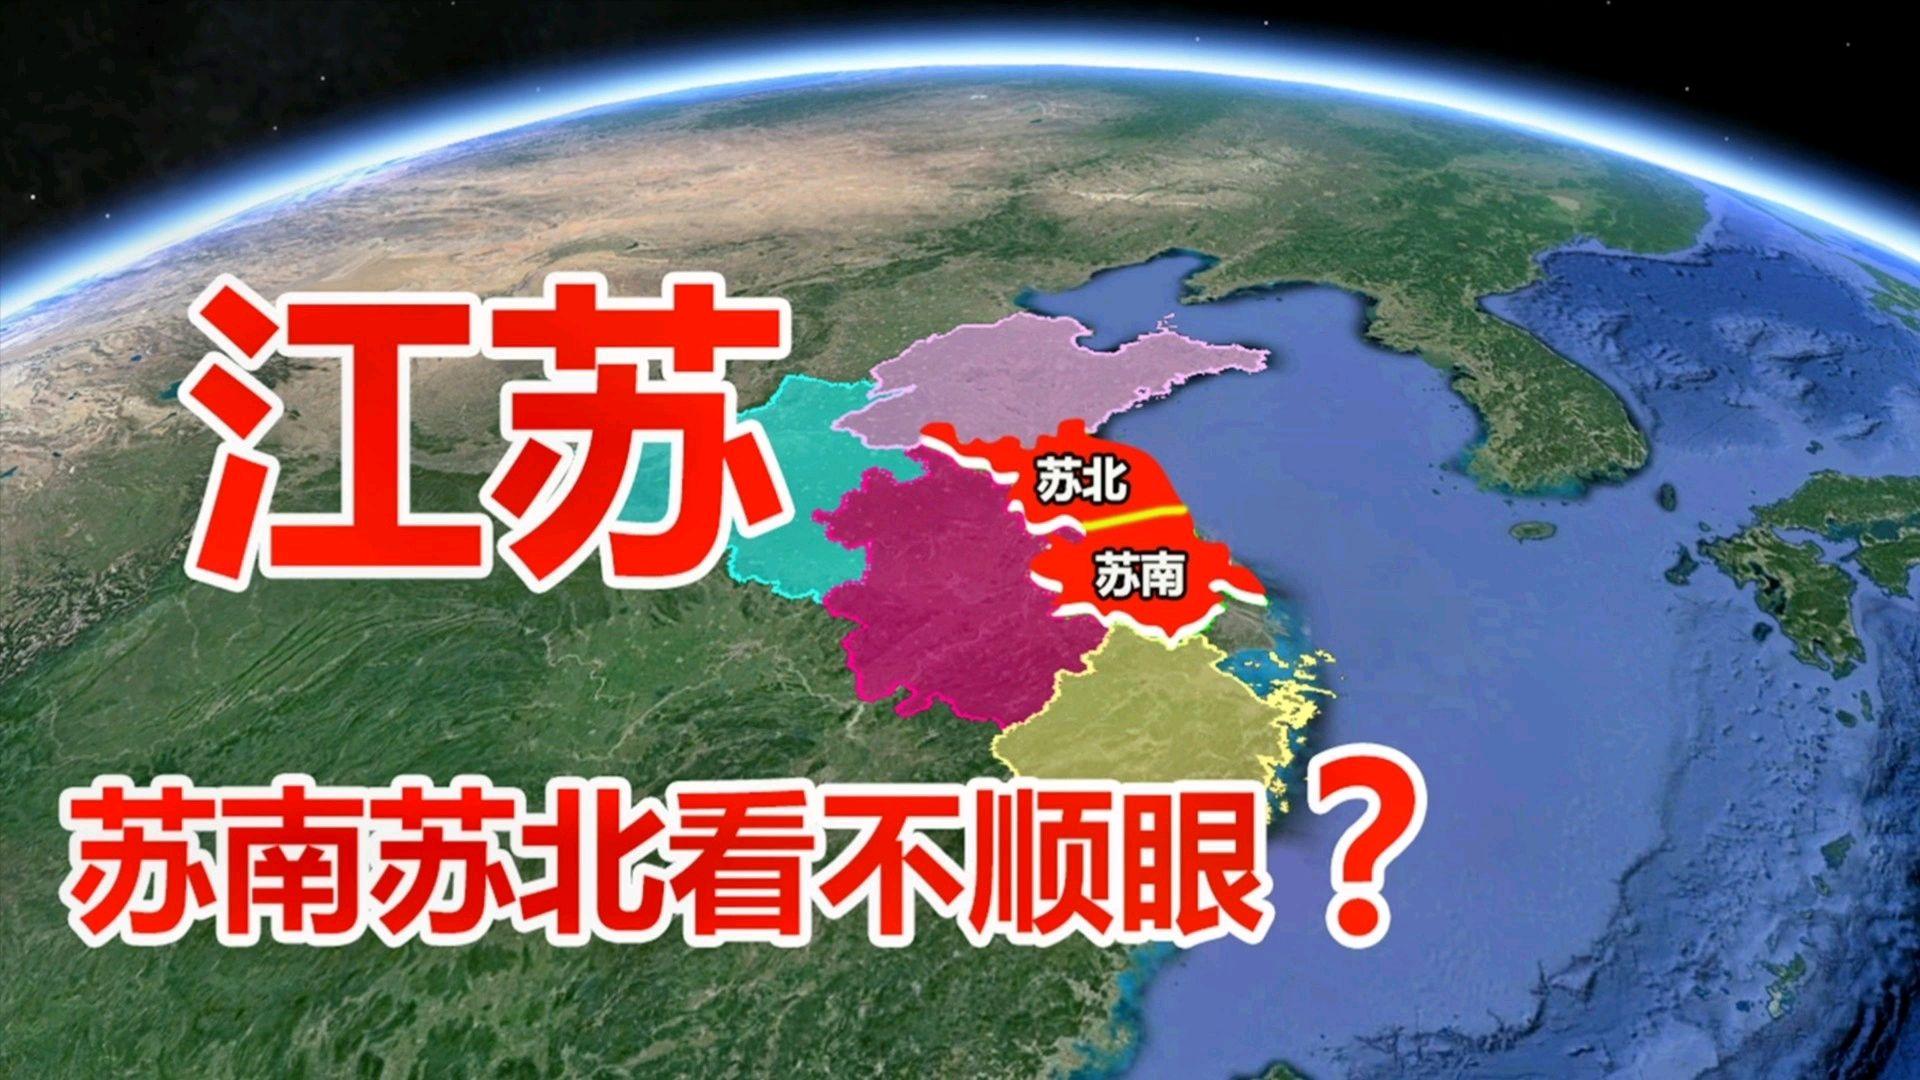 """了不起的江苏省,为何被称为""""十三太保""""?又给中国带来哪些好处?"""